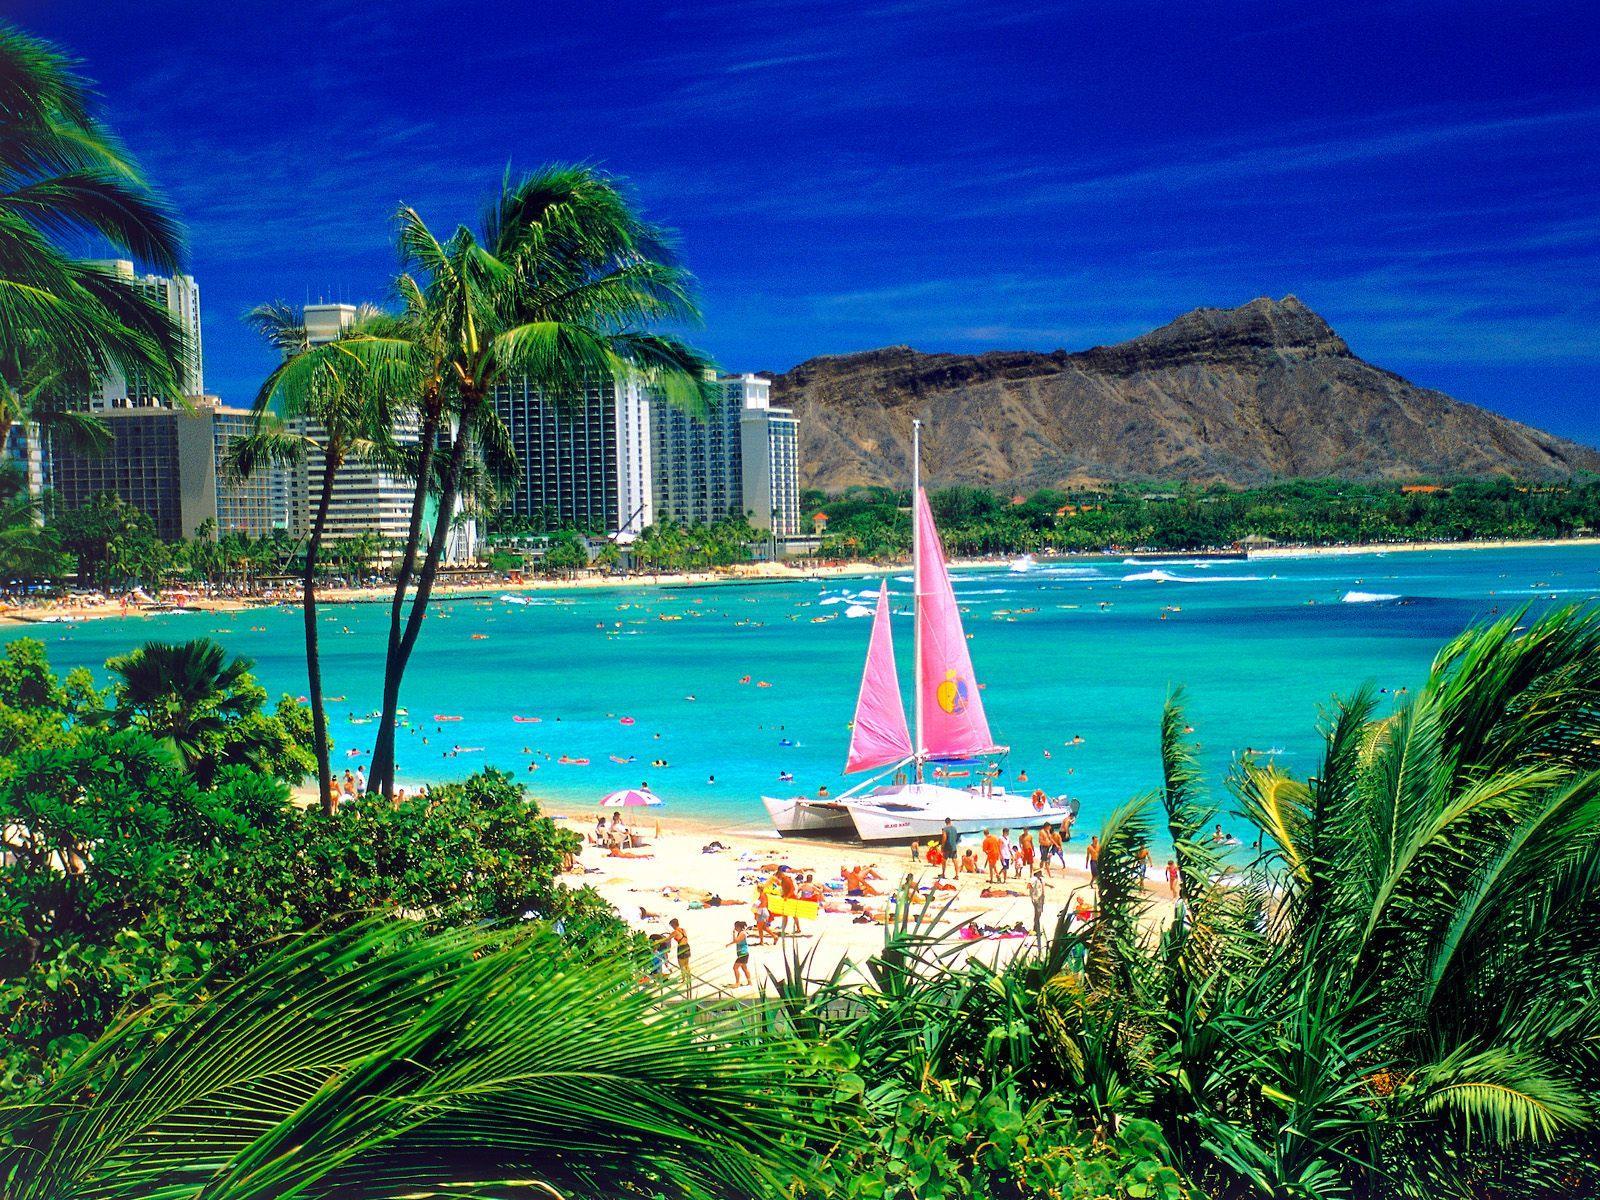 island photos hawaiian island images hawaiian island images hawaiian 1600x1200